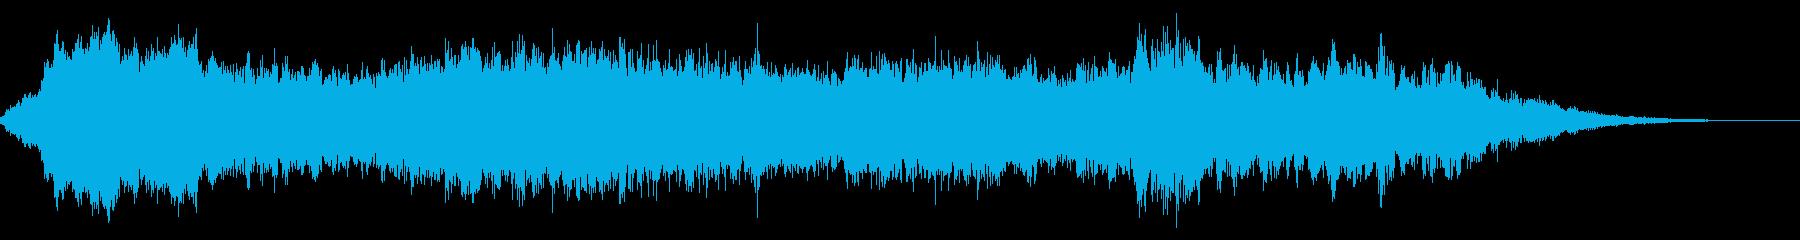 ディズニー風 シリアス エンディングの再生済みの波形